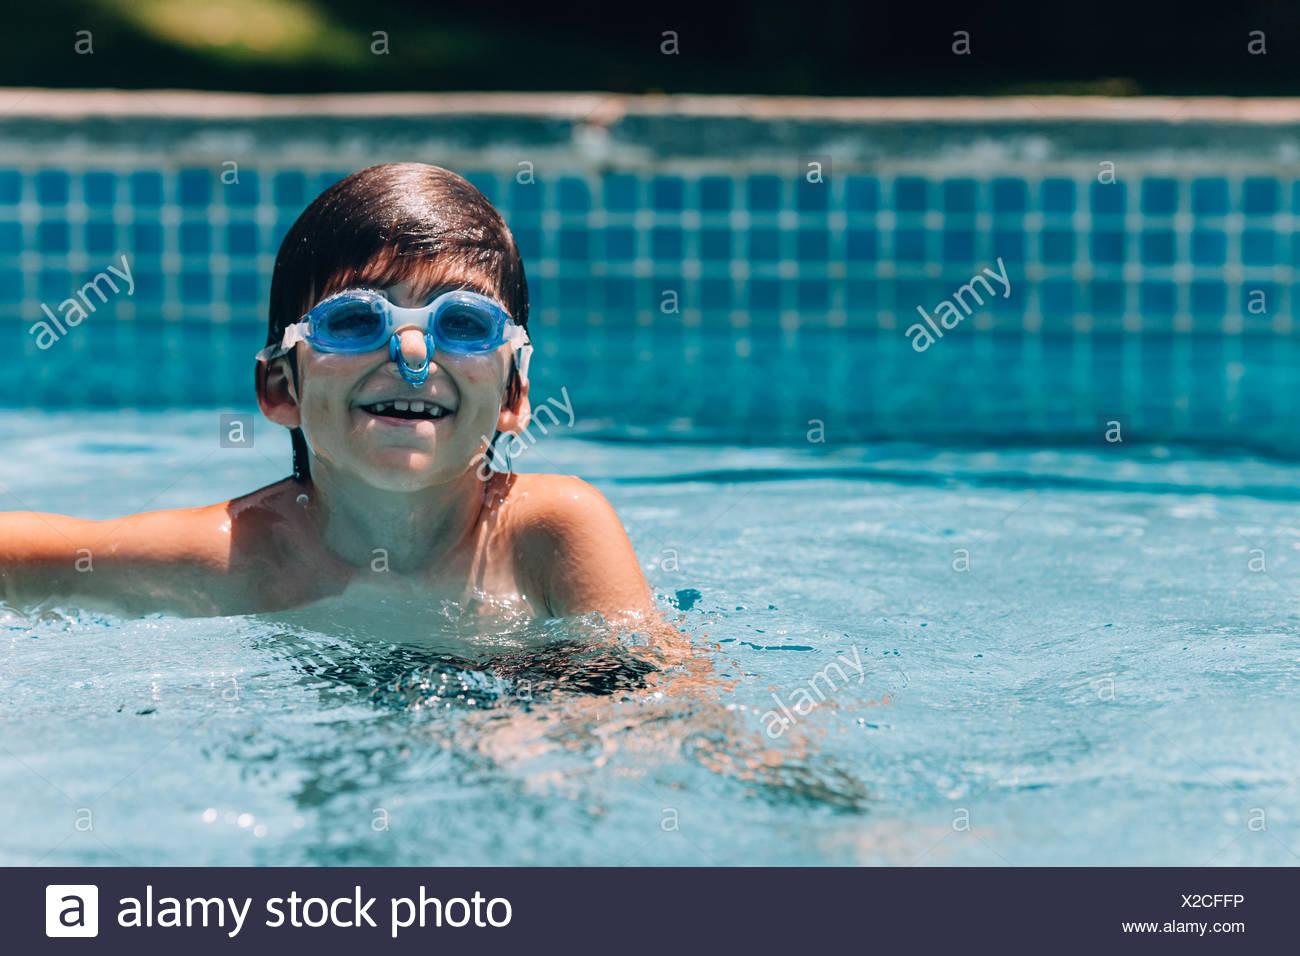 Chico sonriente gafas protectoras y pinza para nariz en piscina Imagen De Stock